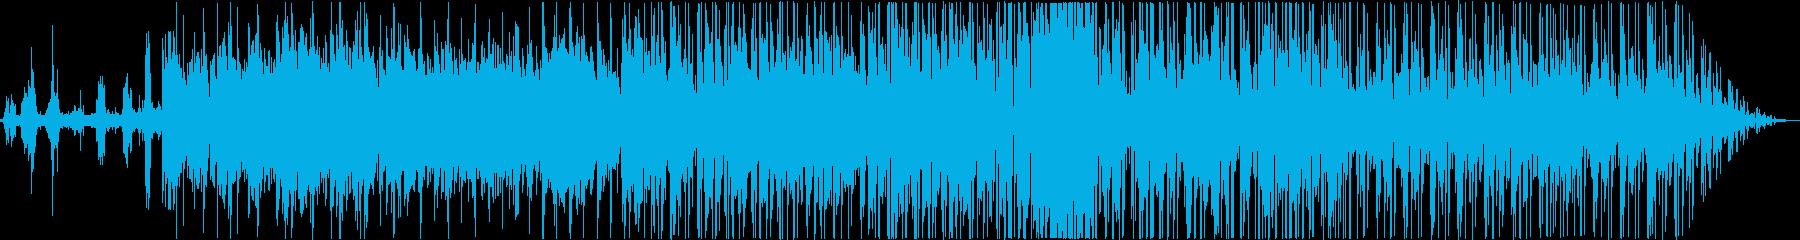 エレピをフィーチャーした爽やかなBGMの再生済みの波形